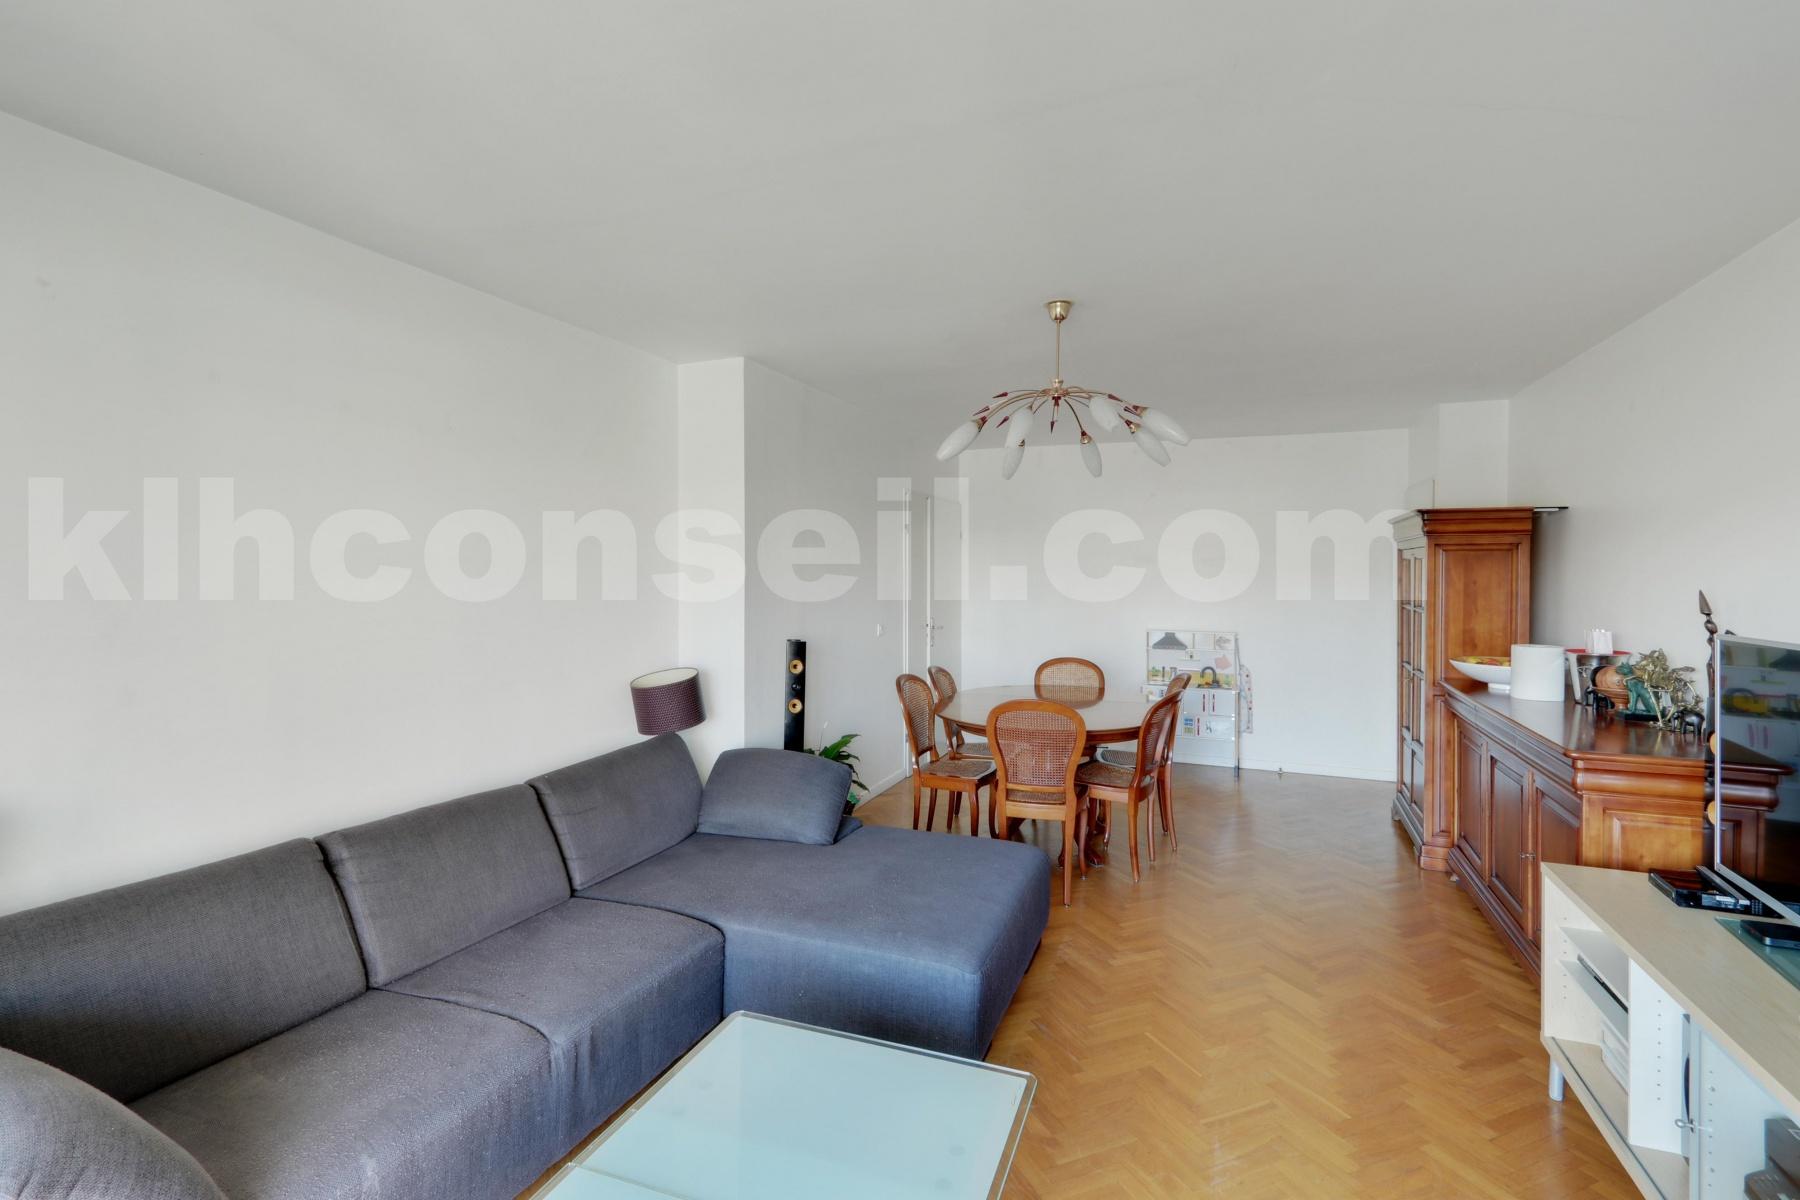 Vente Appartement de 4 pièces 89 m² - COLOMBES 92700 | KLH Conseil -  photo1